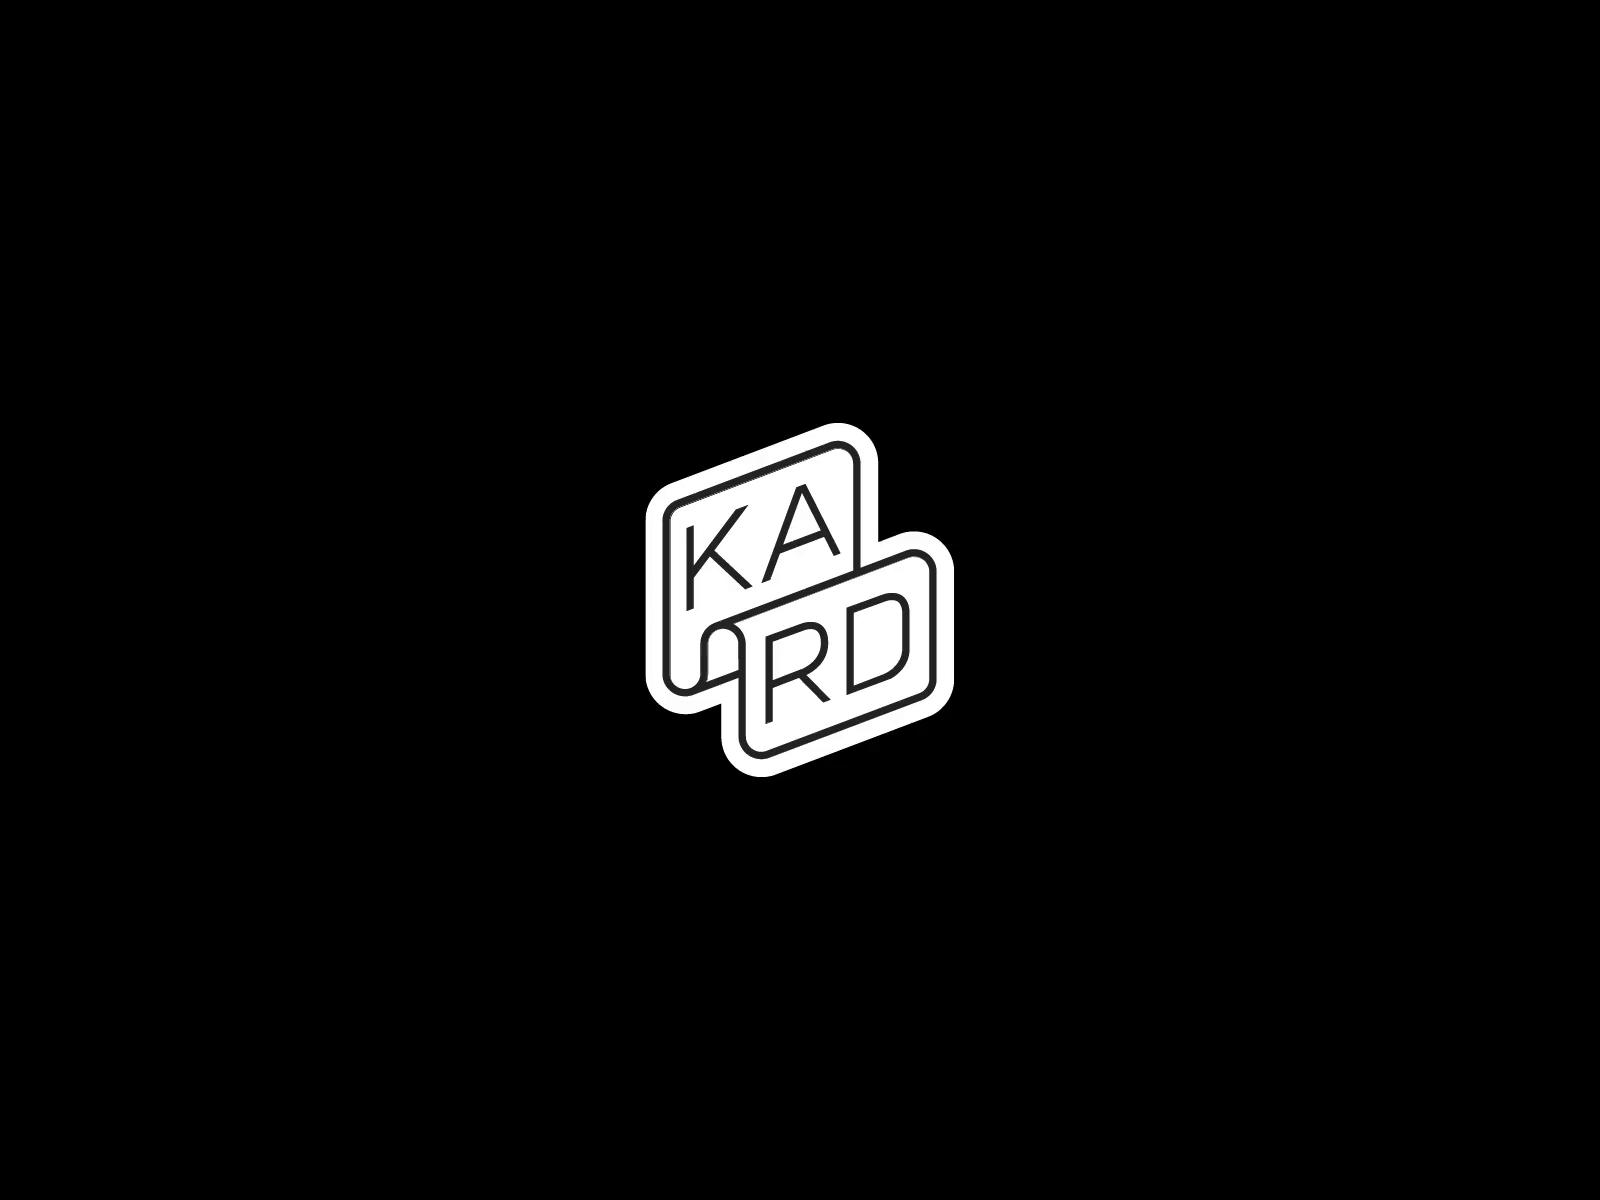 Kard 💸💸💸 by Emmanuel Julliot Design, Kard, Web design